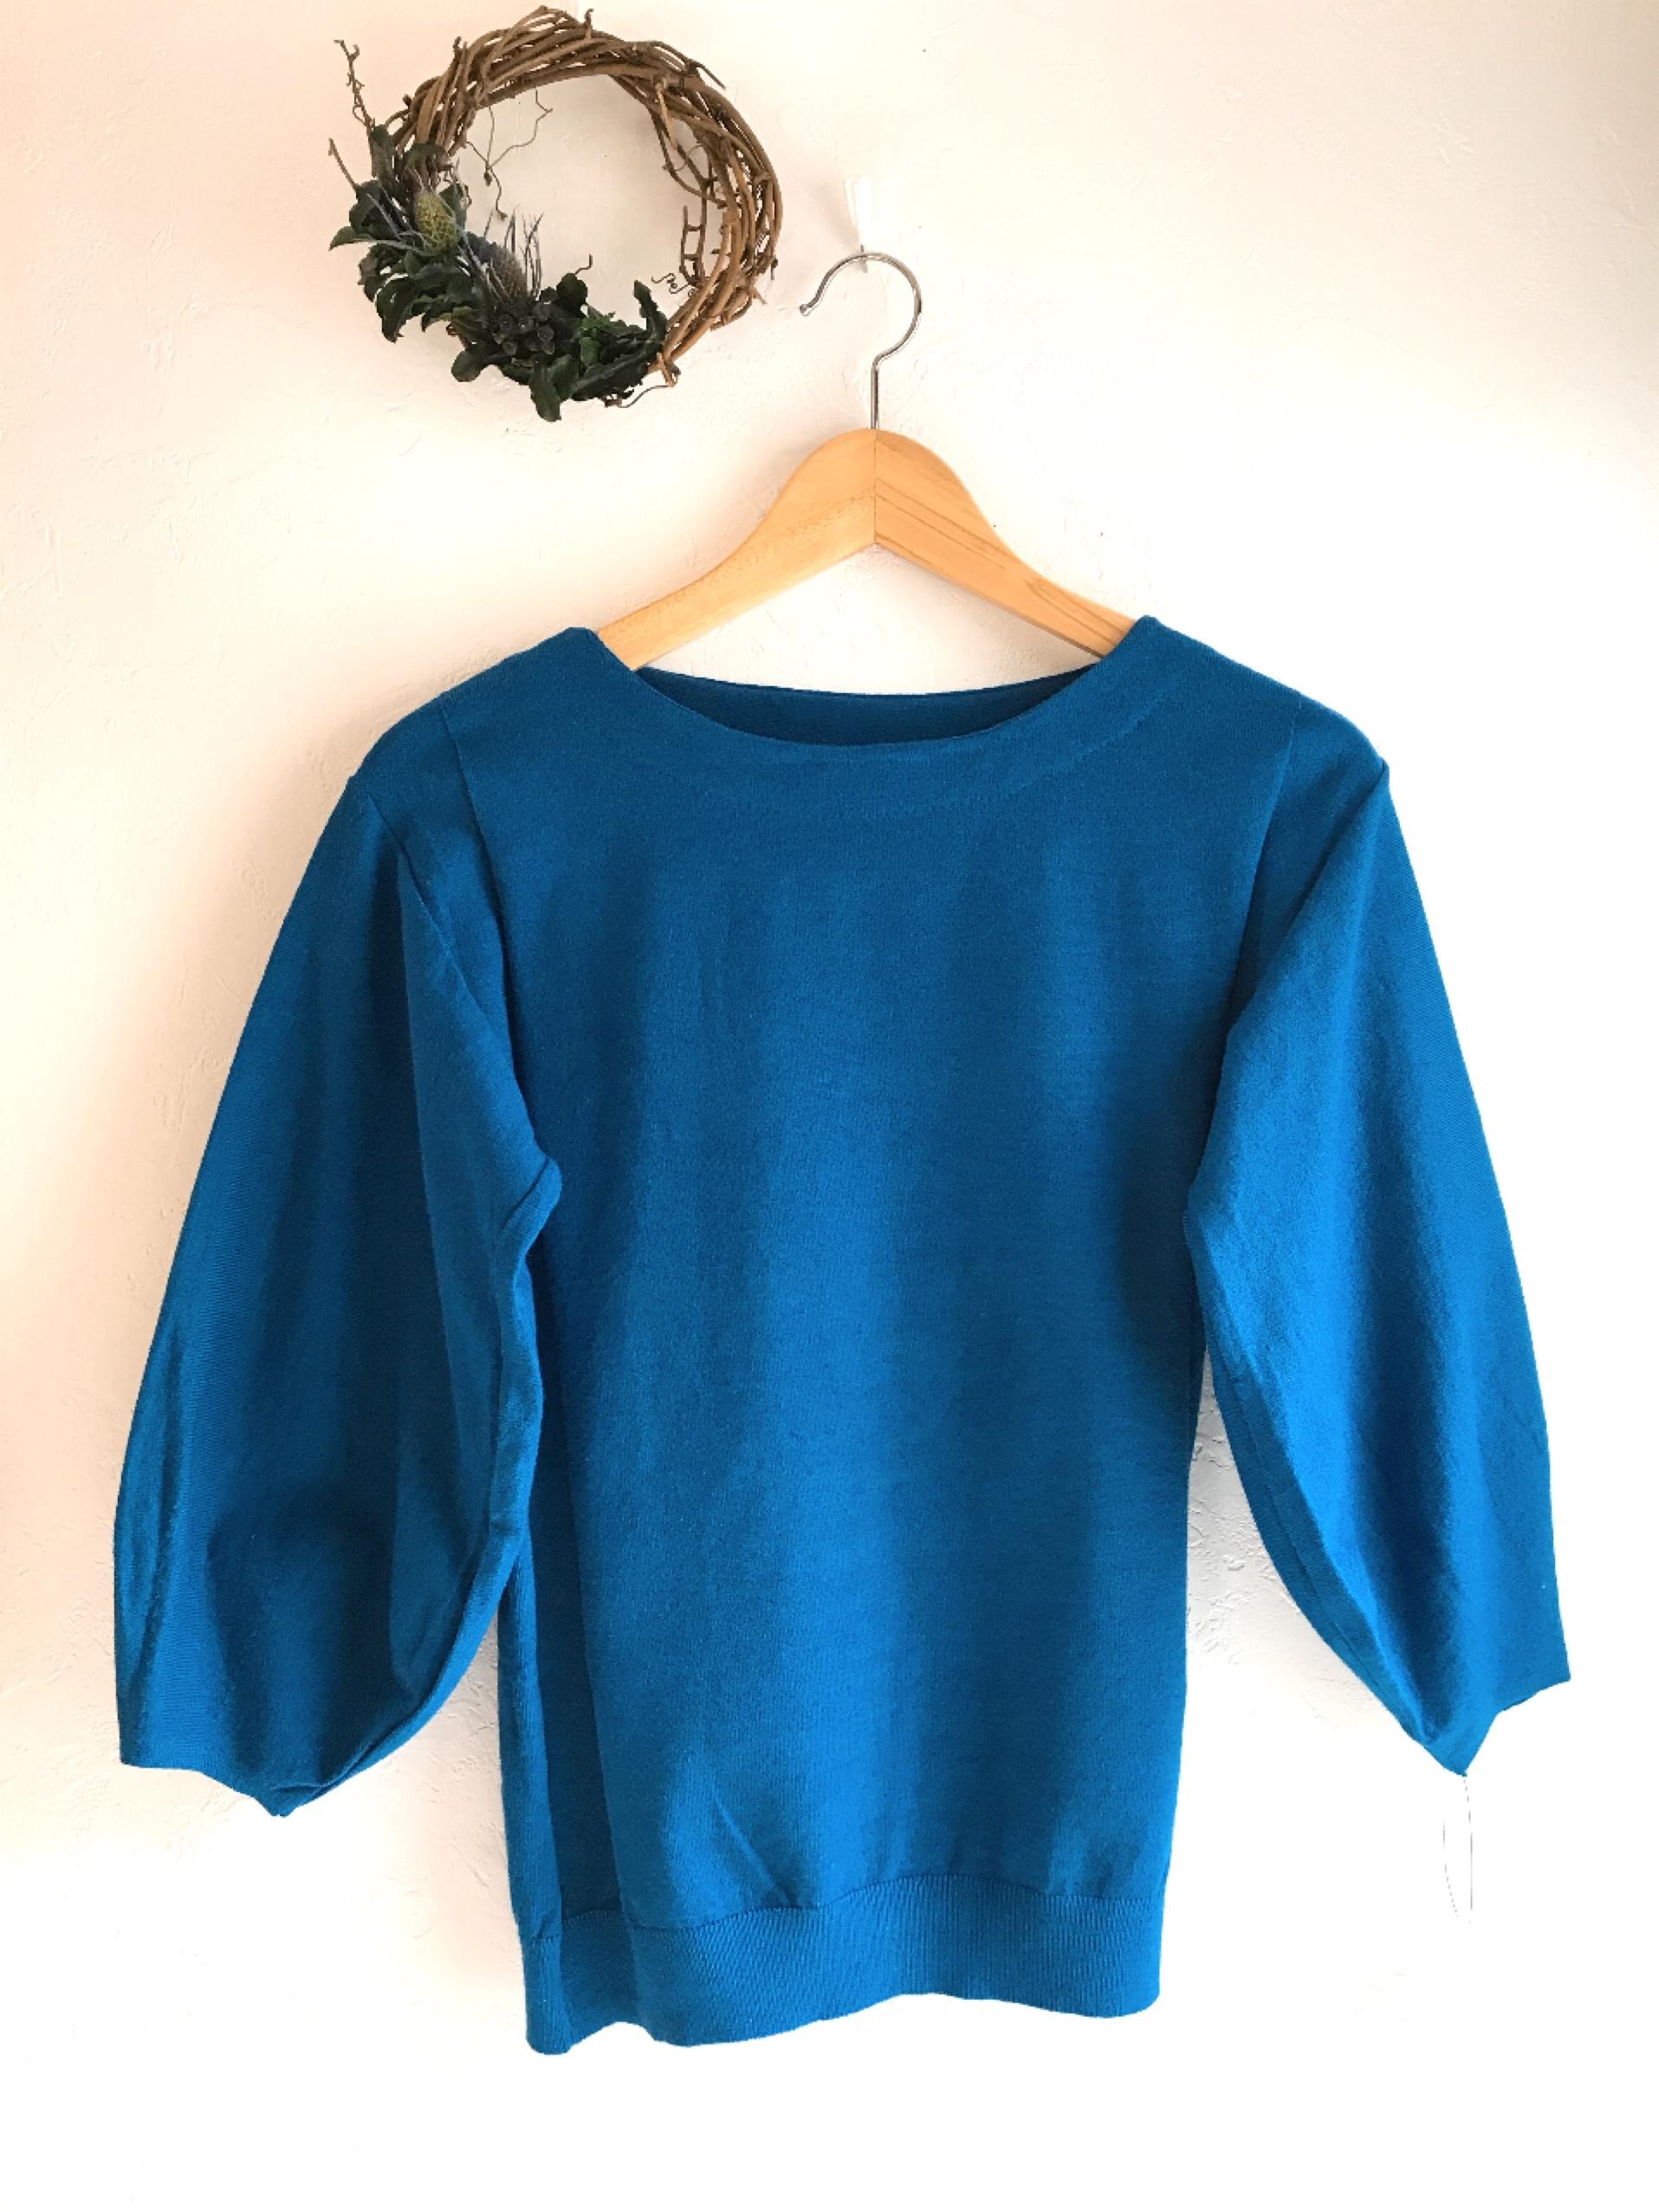 柔らか生地の七分バルーン袖ニット ブルー